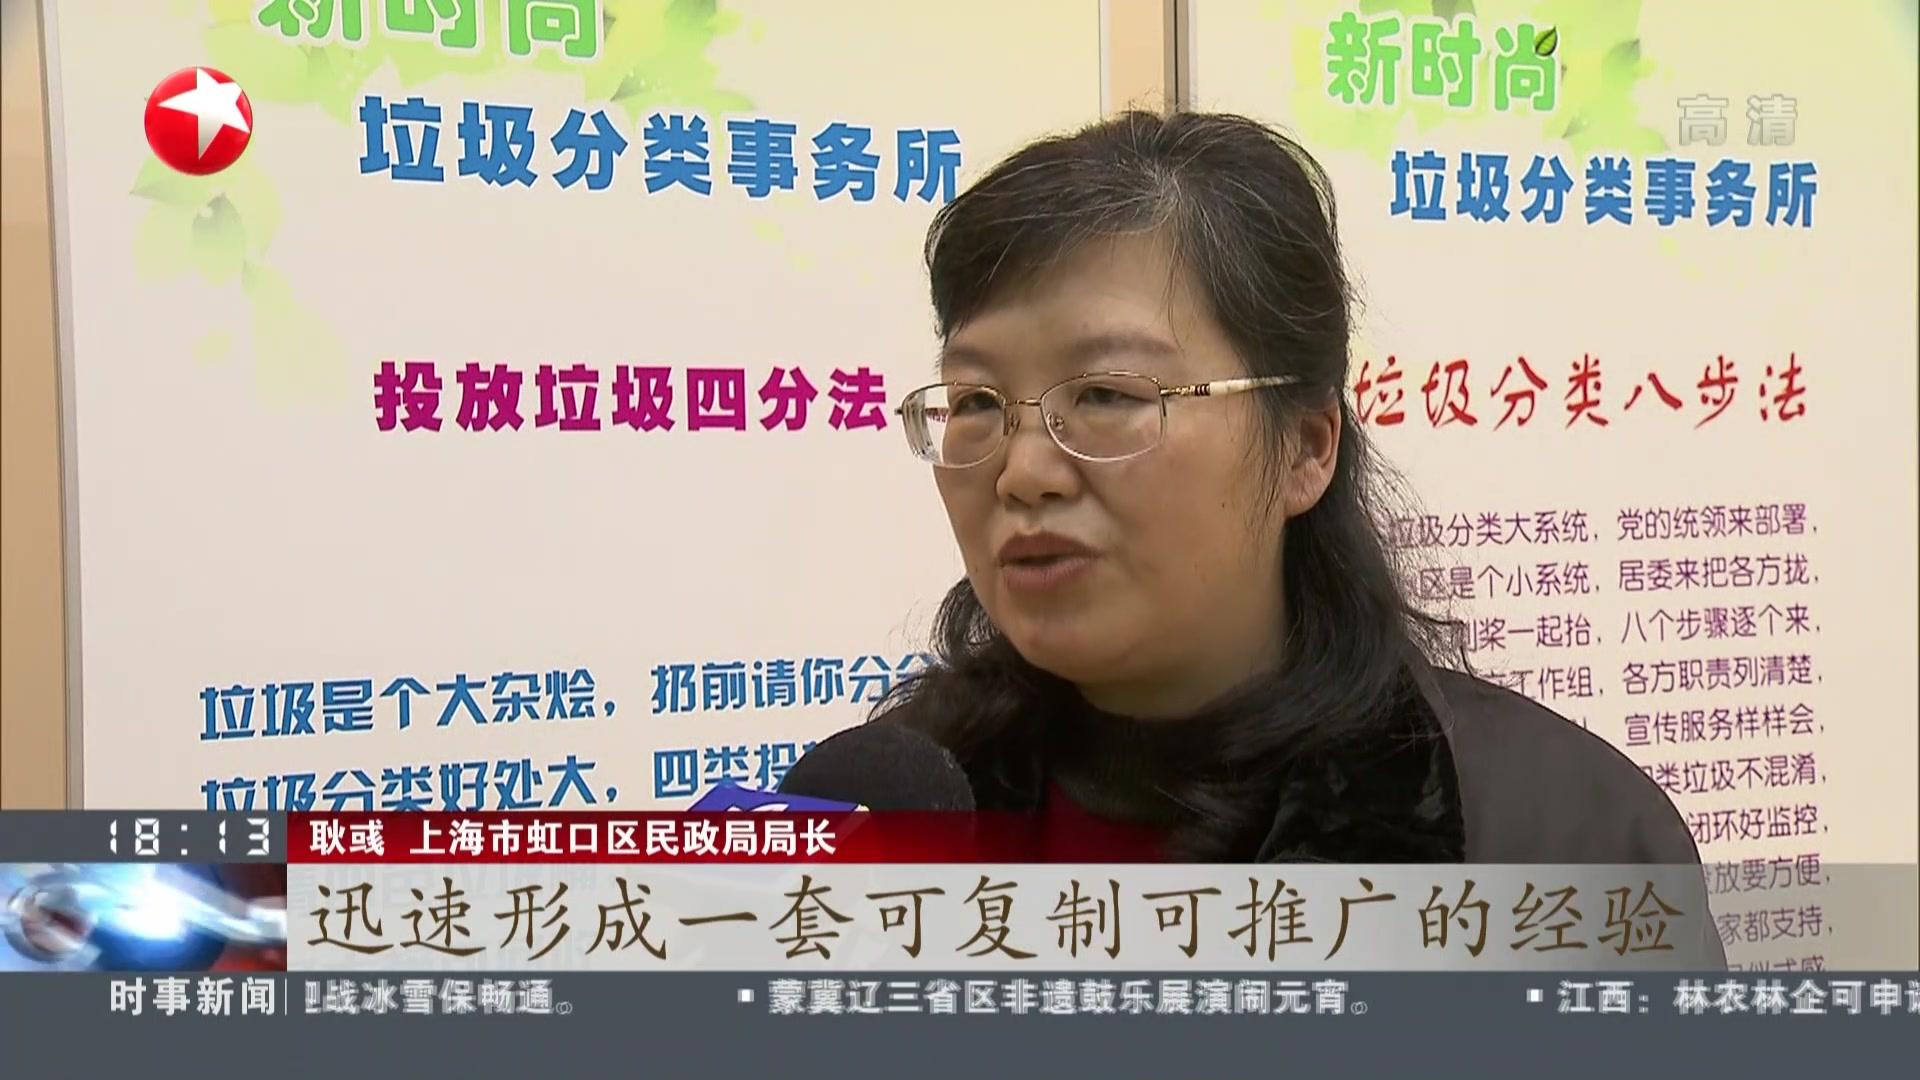 上海:首家垃圾分类事务所成立